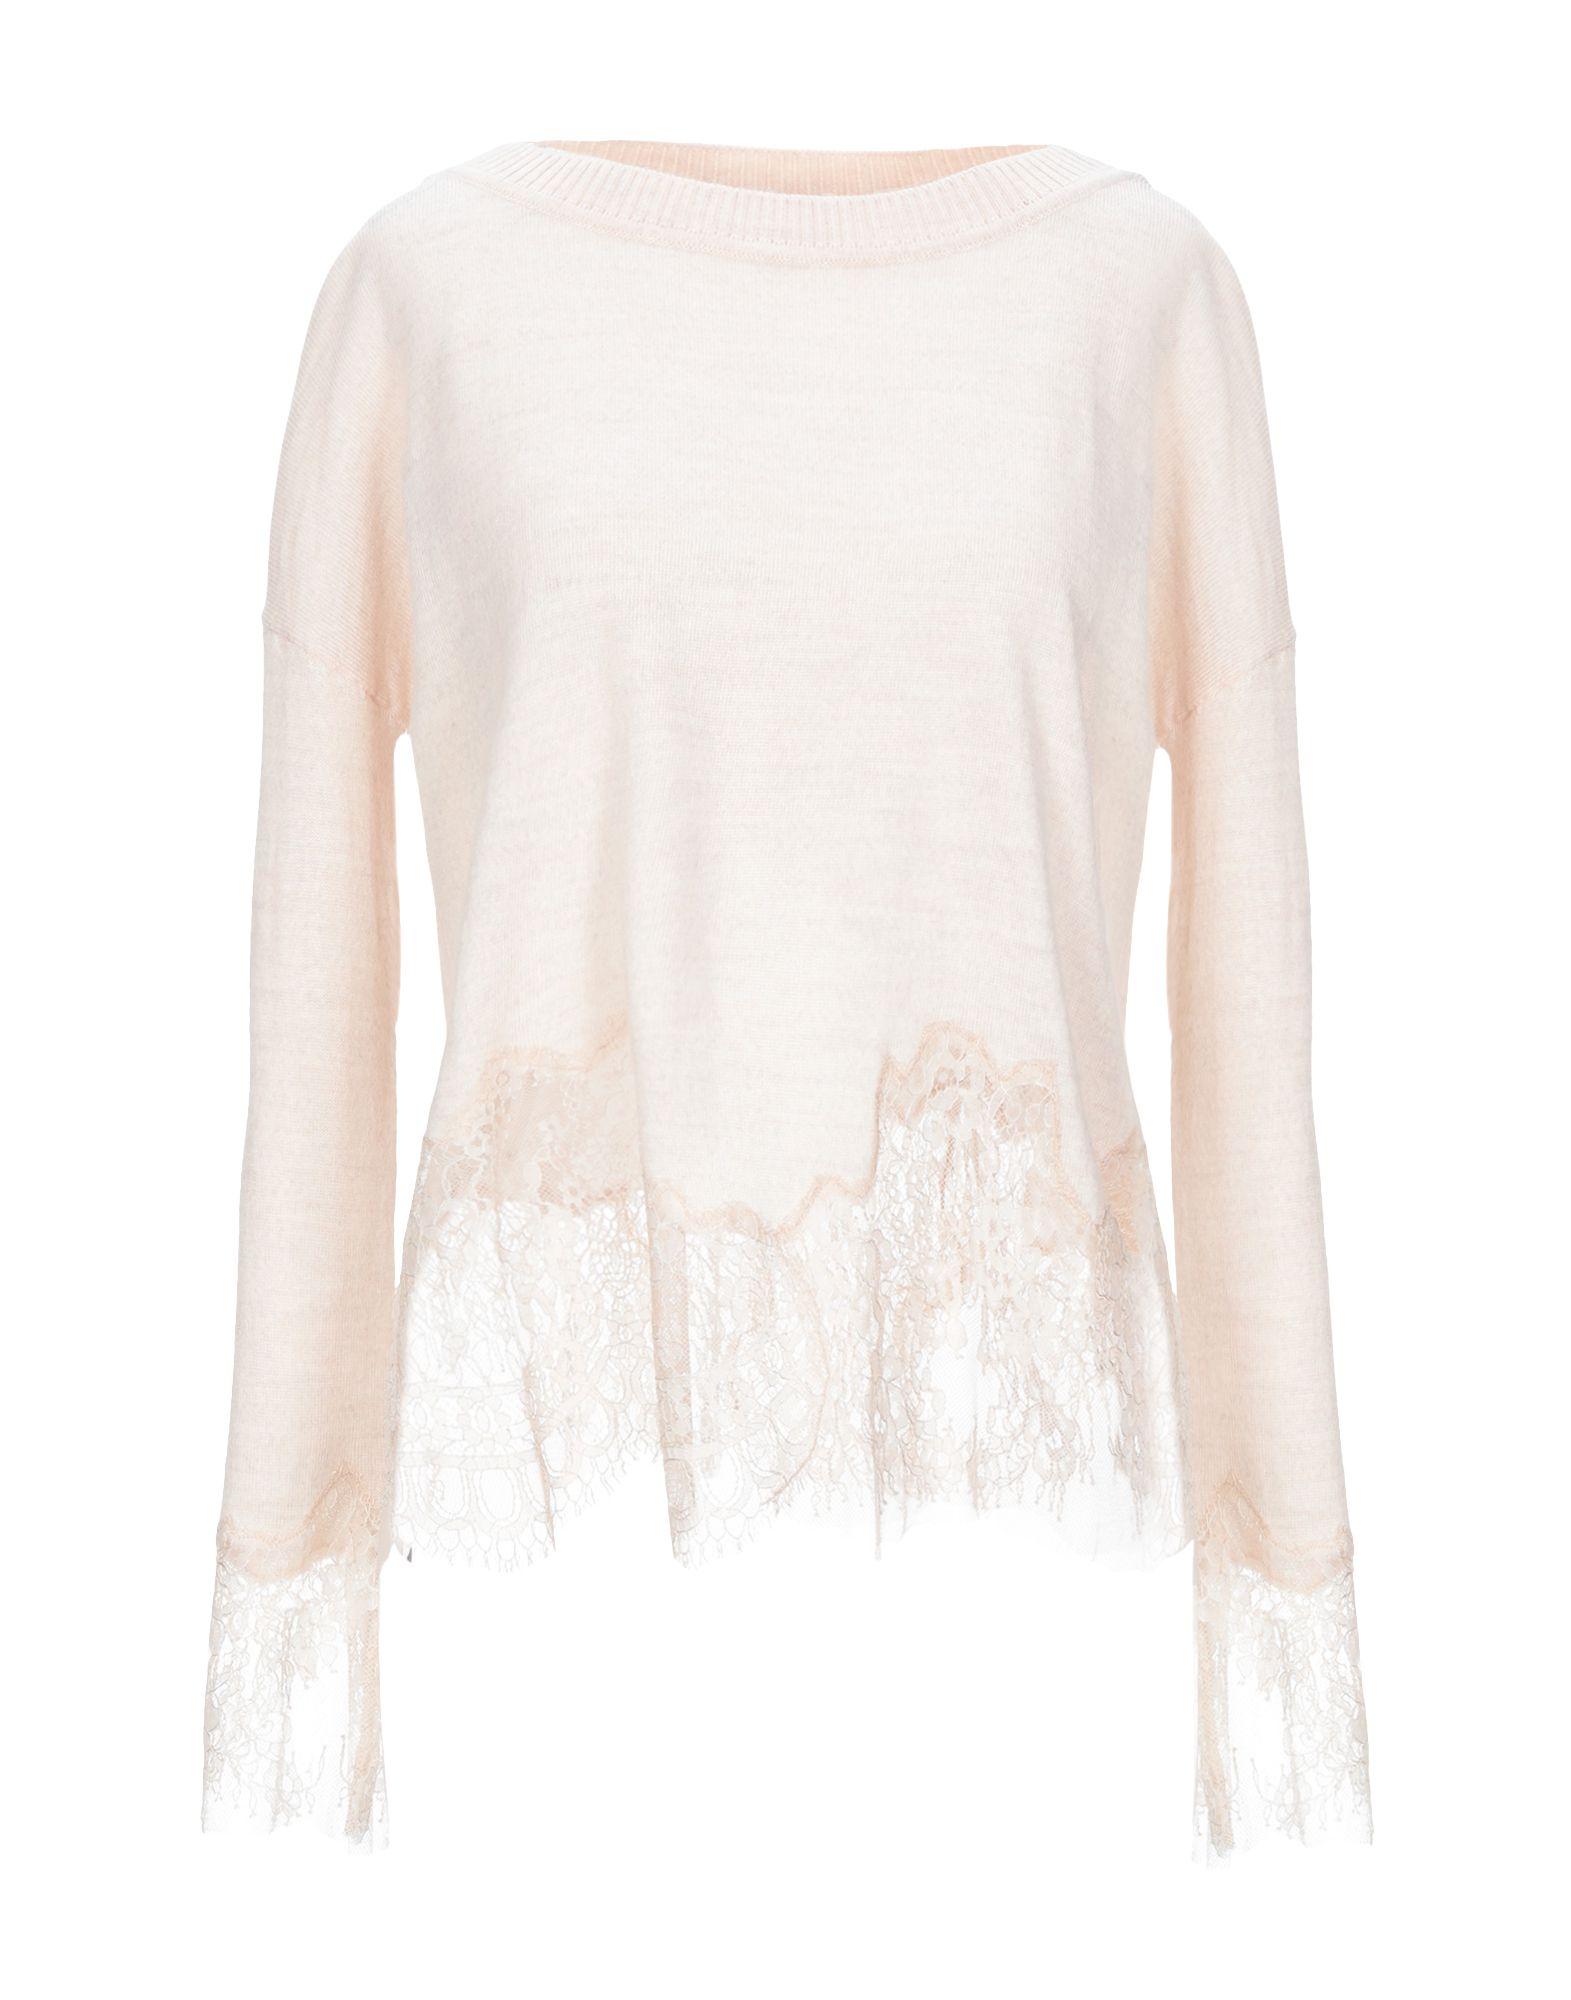 ERMANNO SCERVINO Sweaters - Item 14012782